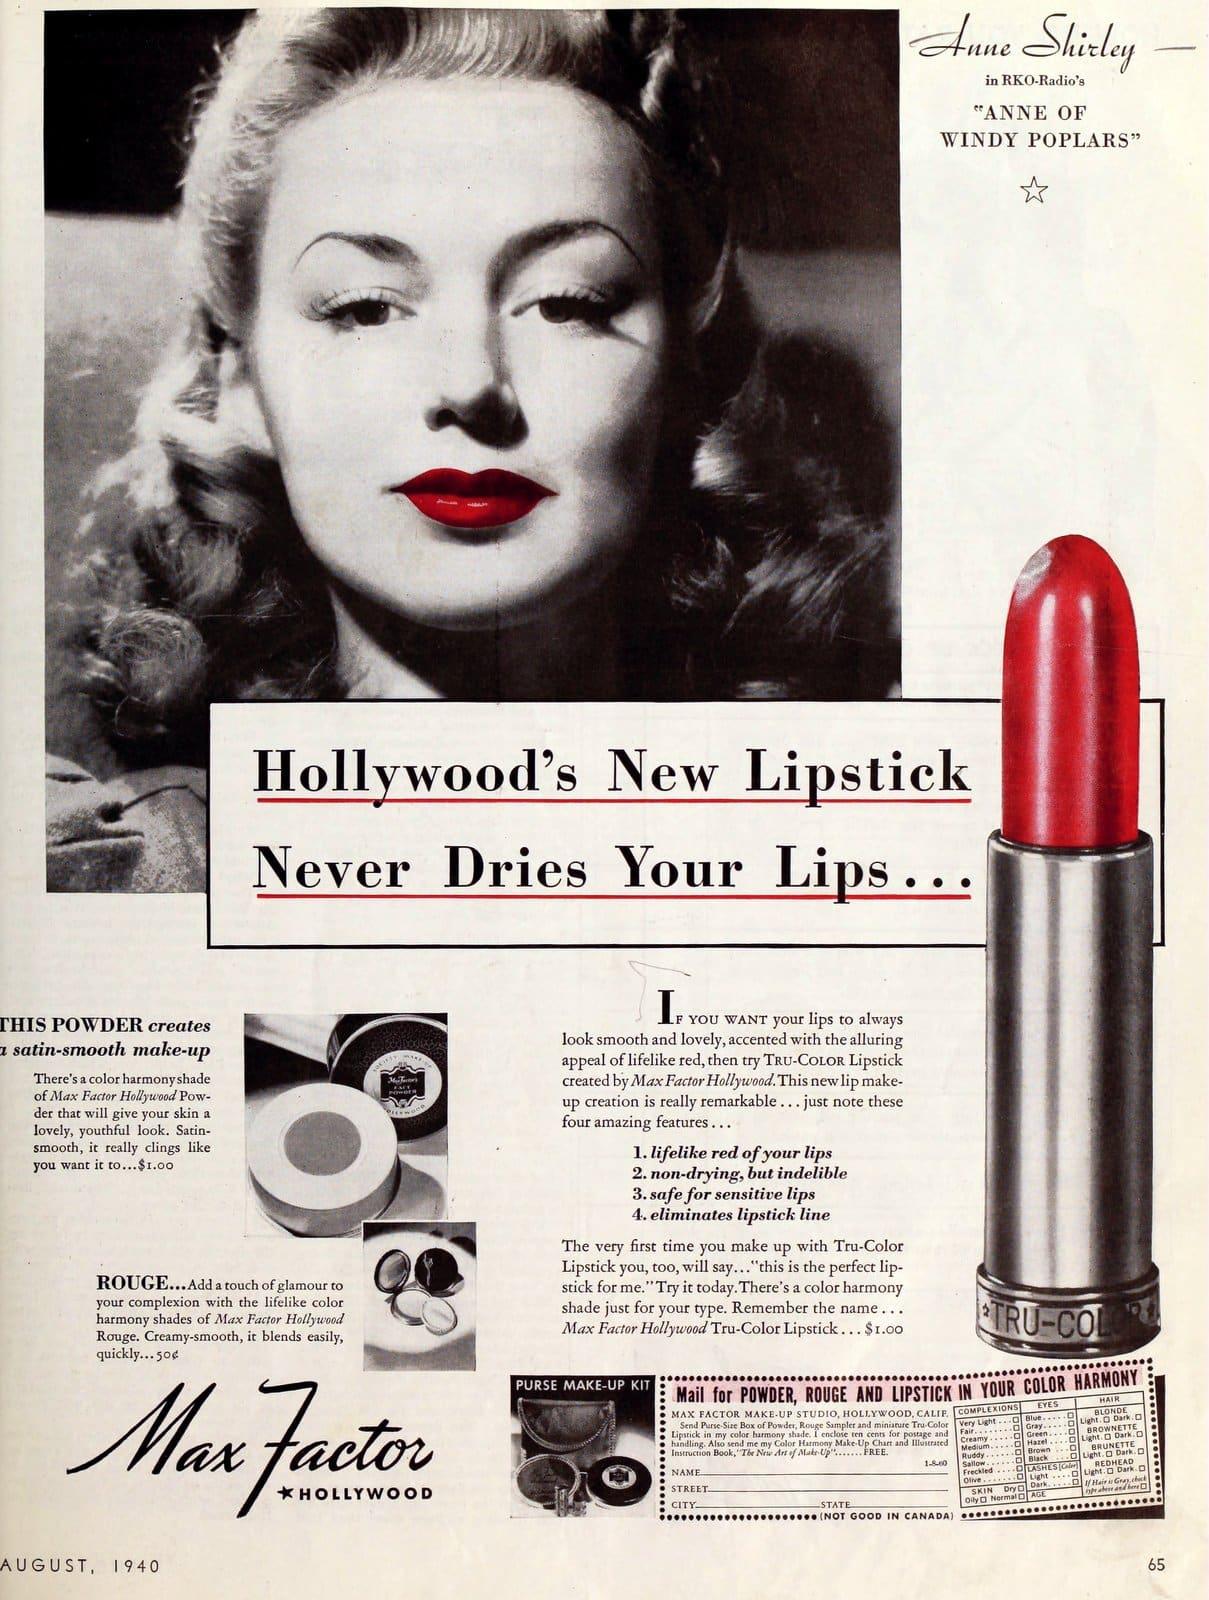 1940 - Max Factor lipstick